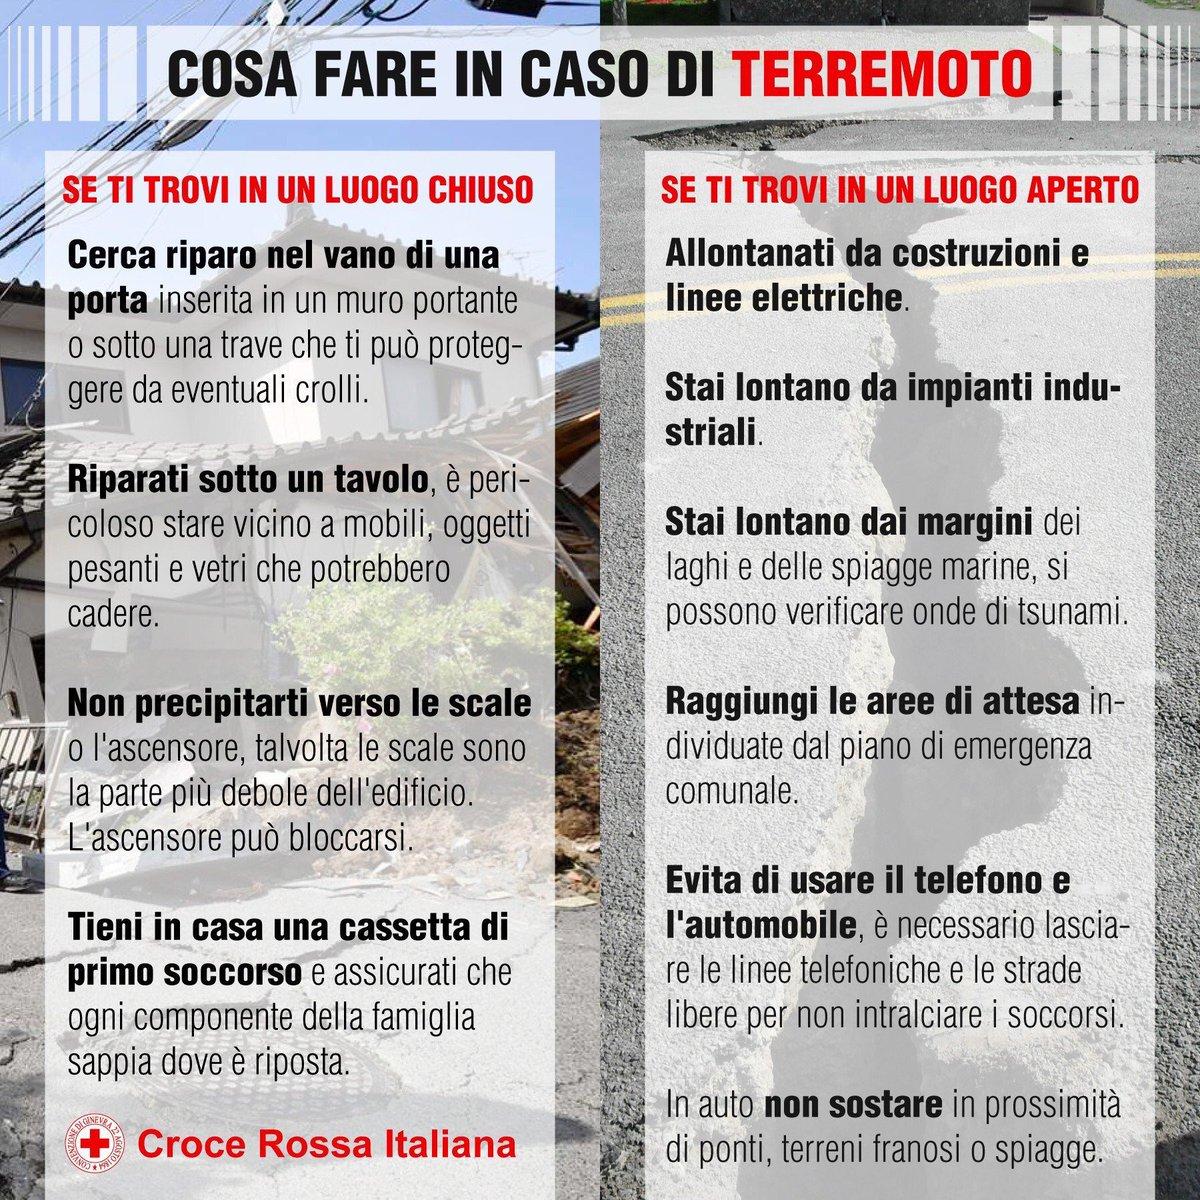 consigli_crocerossa